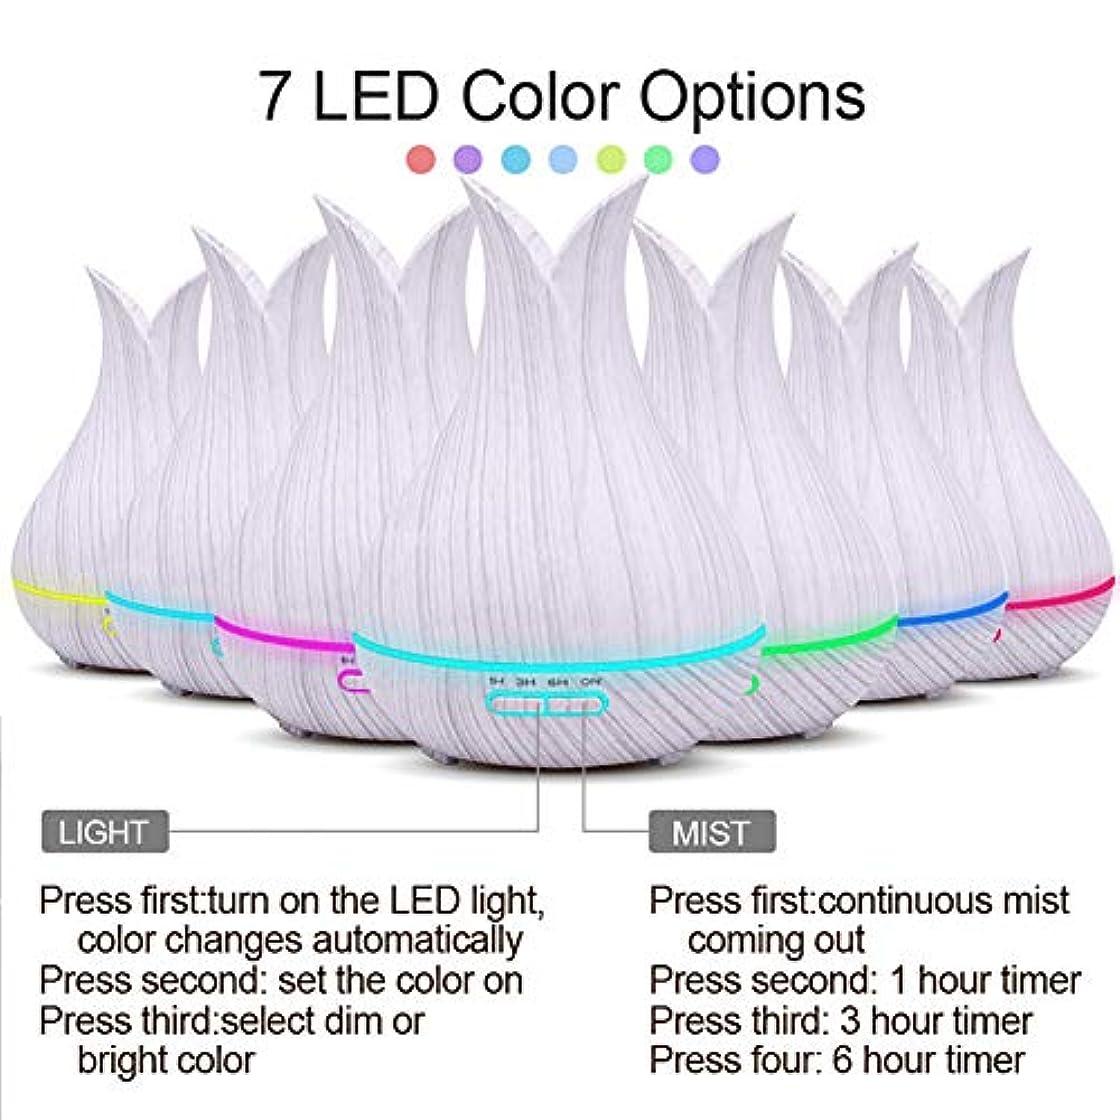 間違いなく国民投票遺産エッセンシャルオイルディフューザーと加湿器、ミストエッセンシャルオイルアロマ加湿器のための超音波アロマセラピーディフューザー、400ミリリットル水タンク7色LEDライト,White